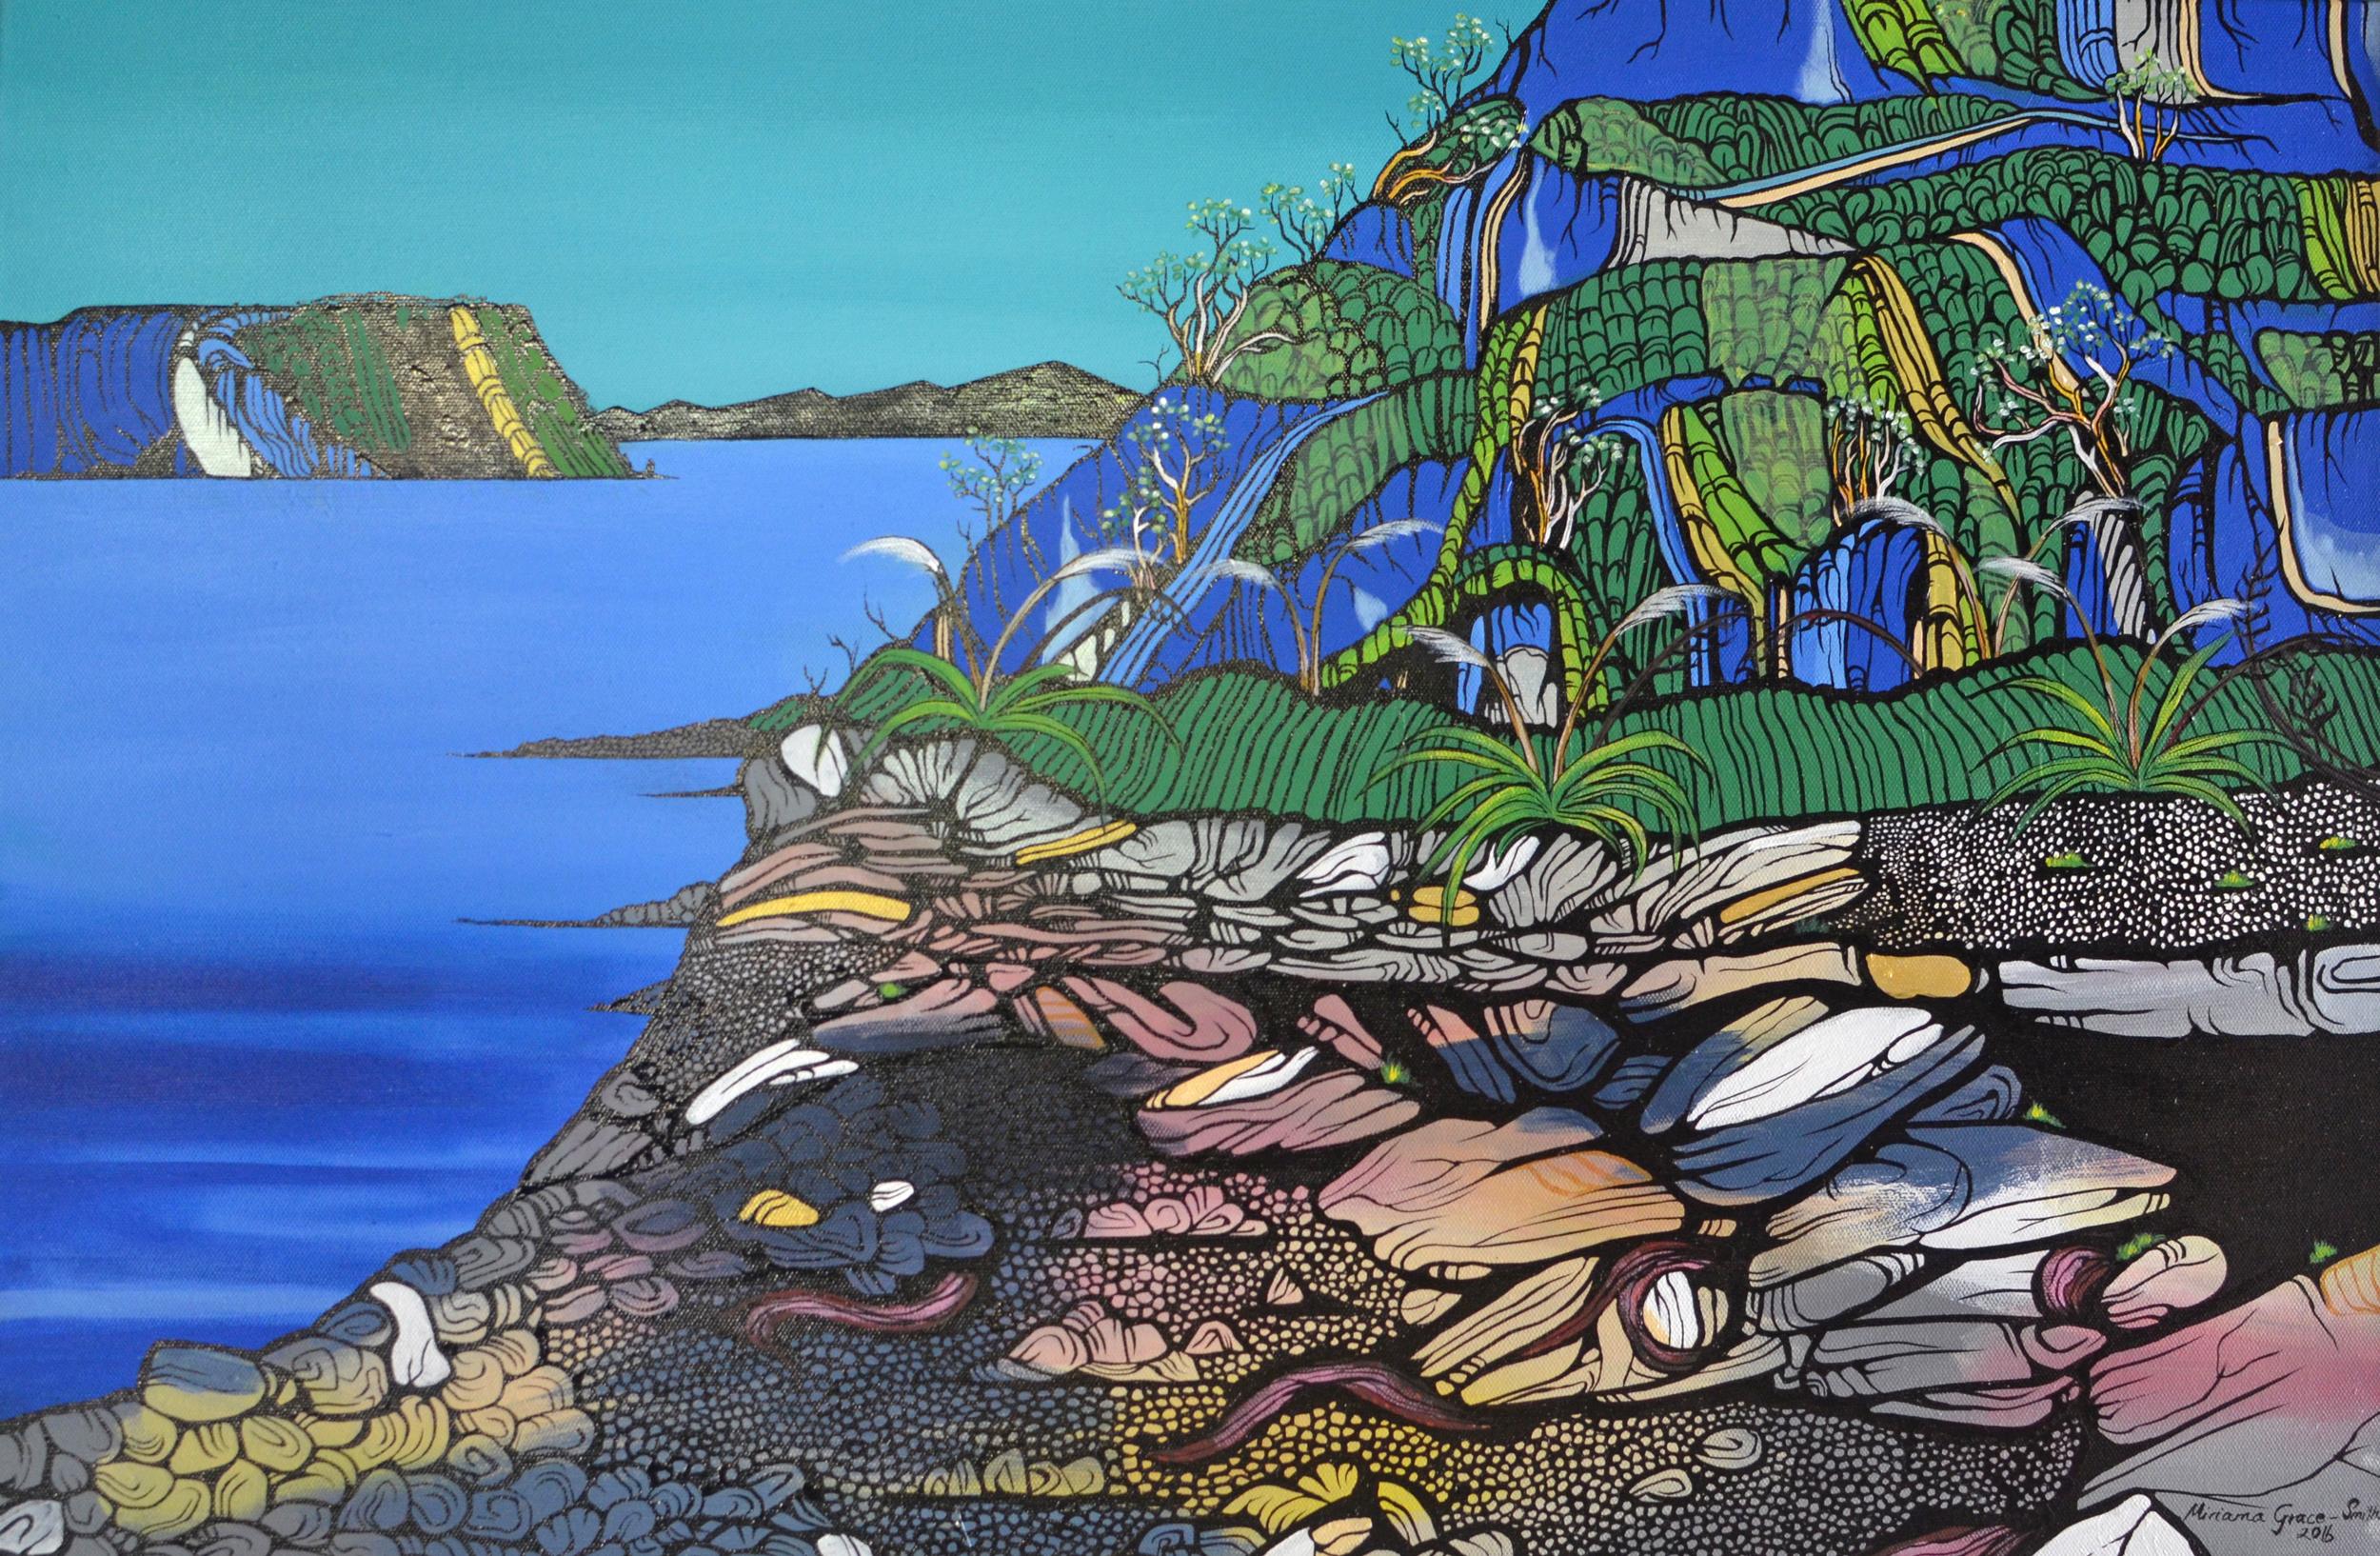 'Taiao I' by Miriama Grace-Smith